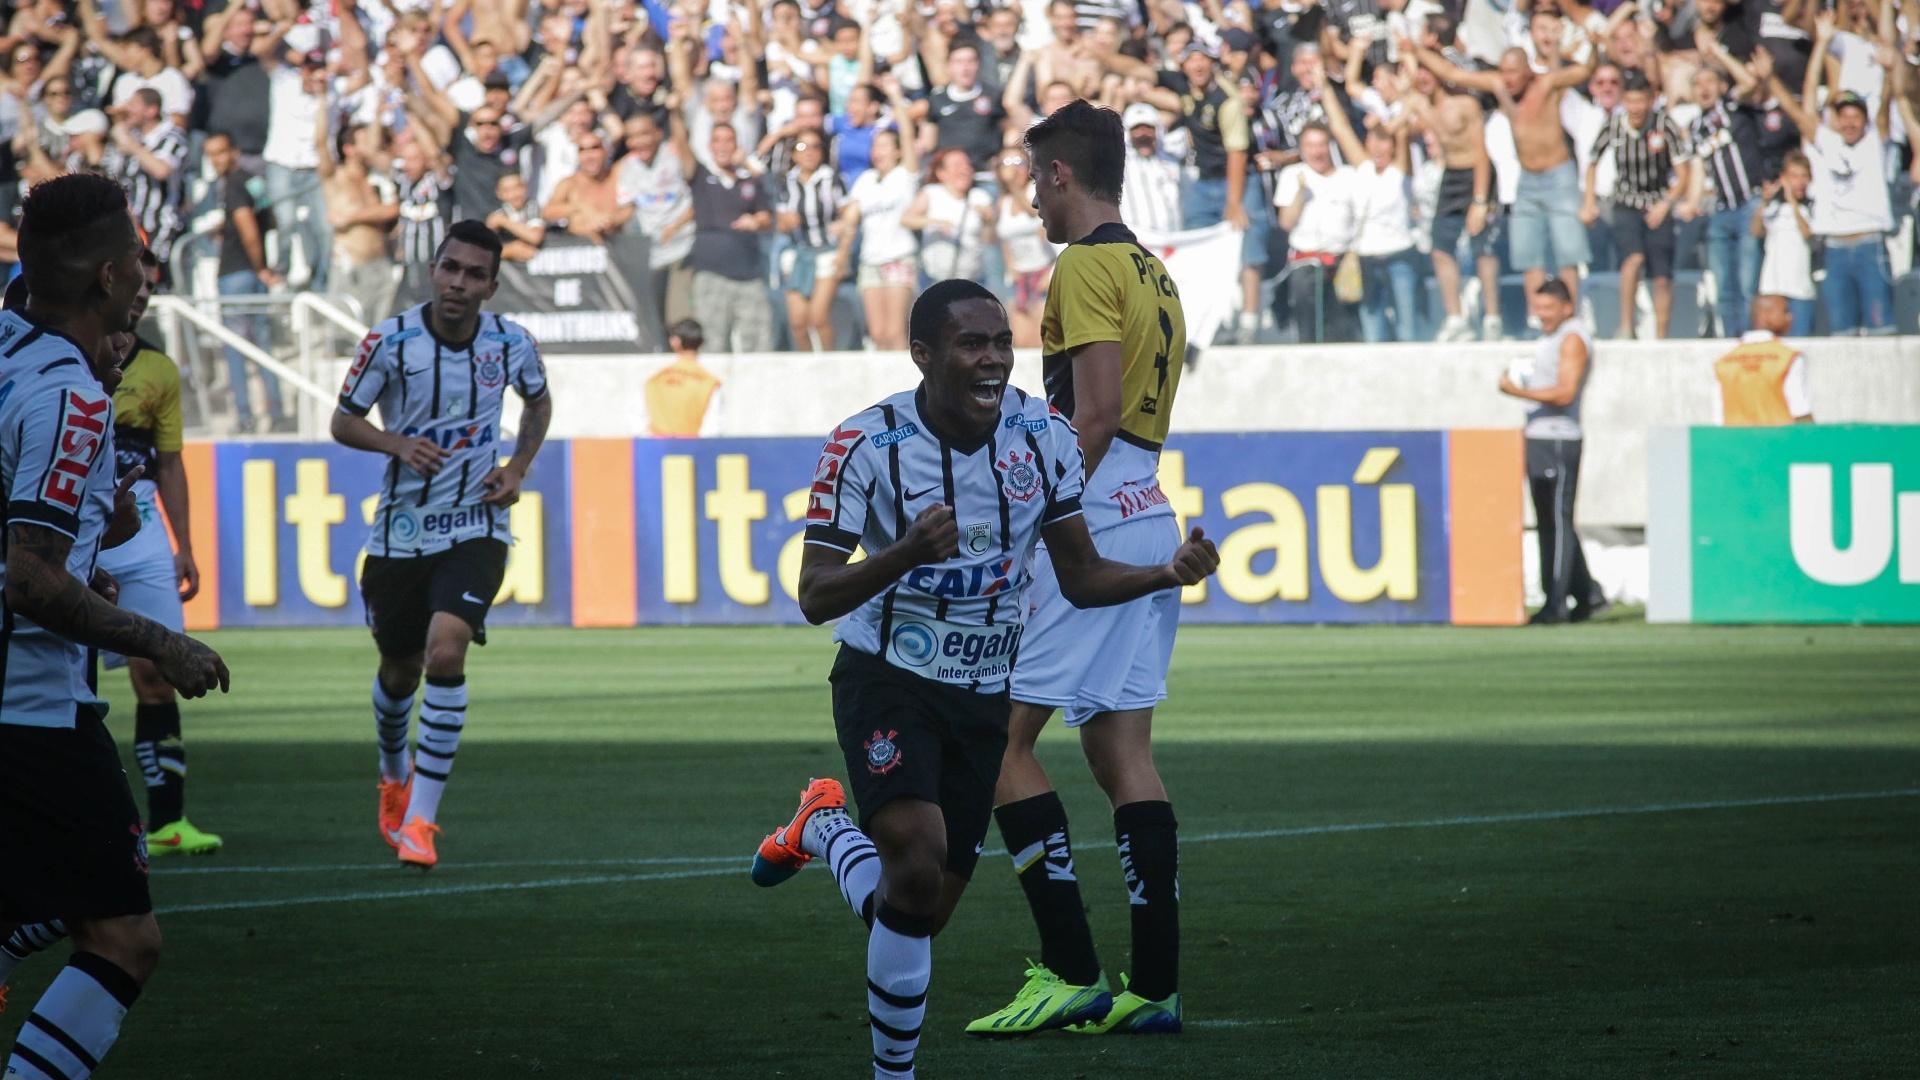 Elias marcou gol para o Corinthians no primeiro tempo